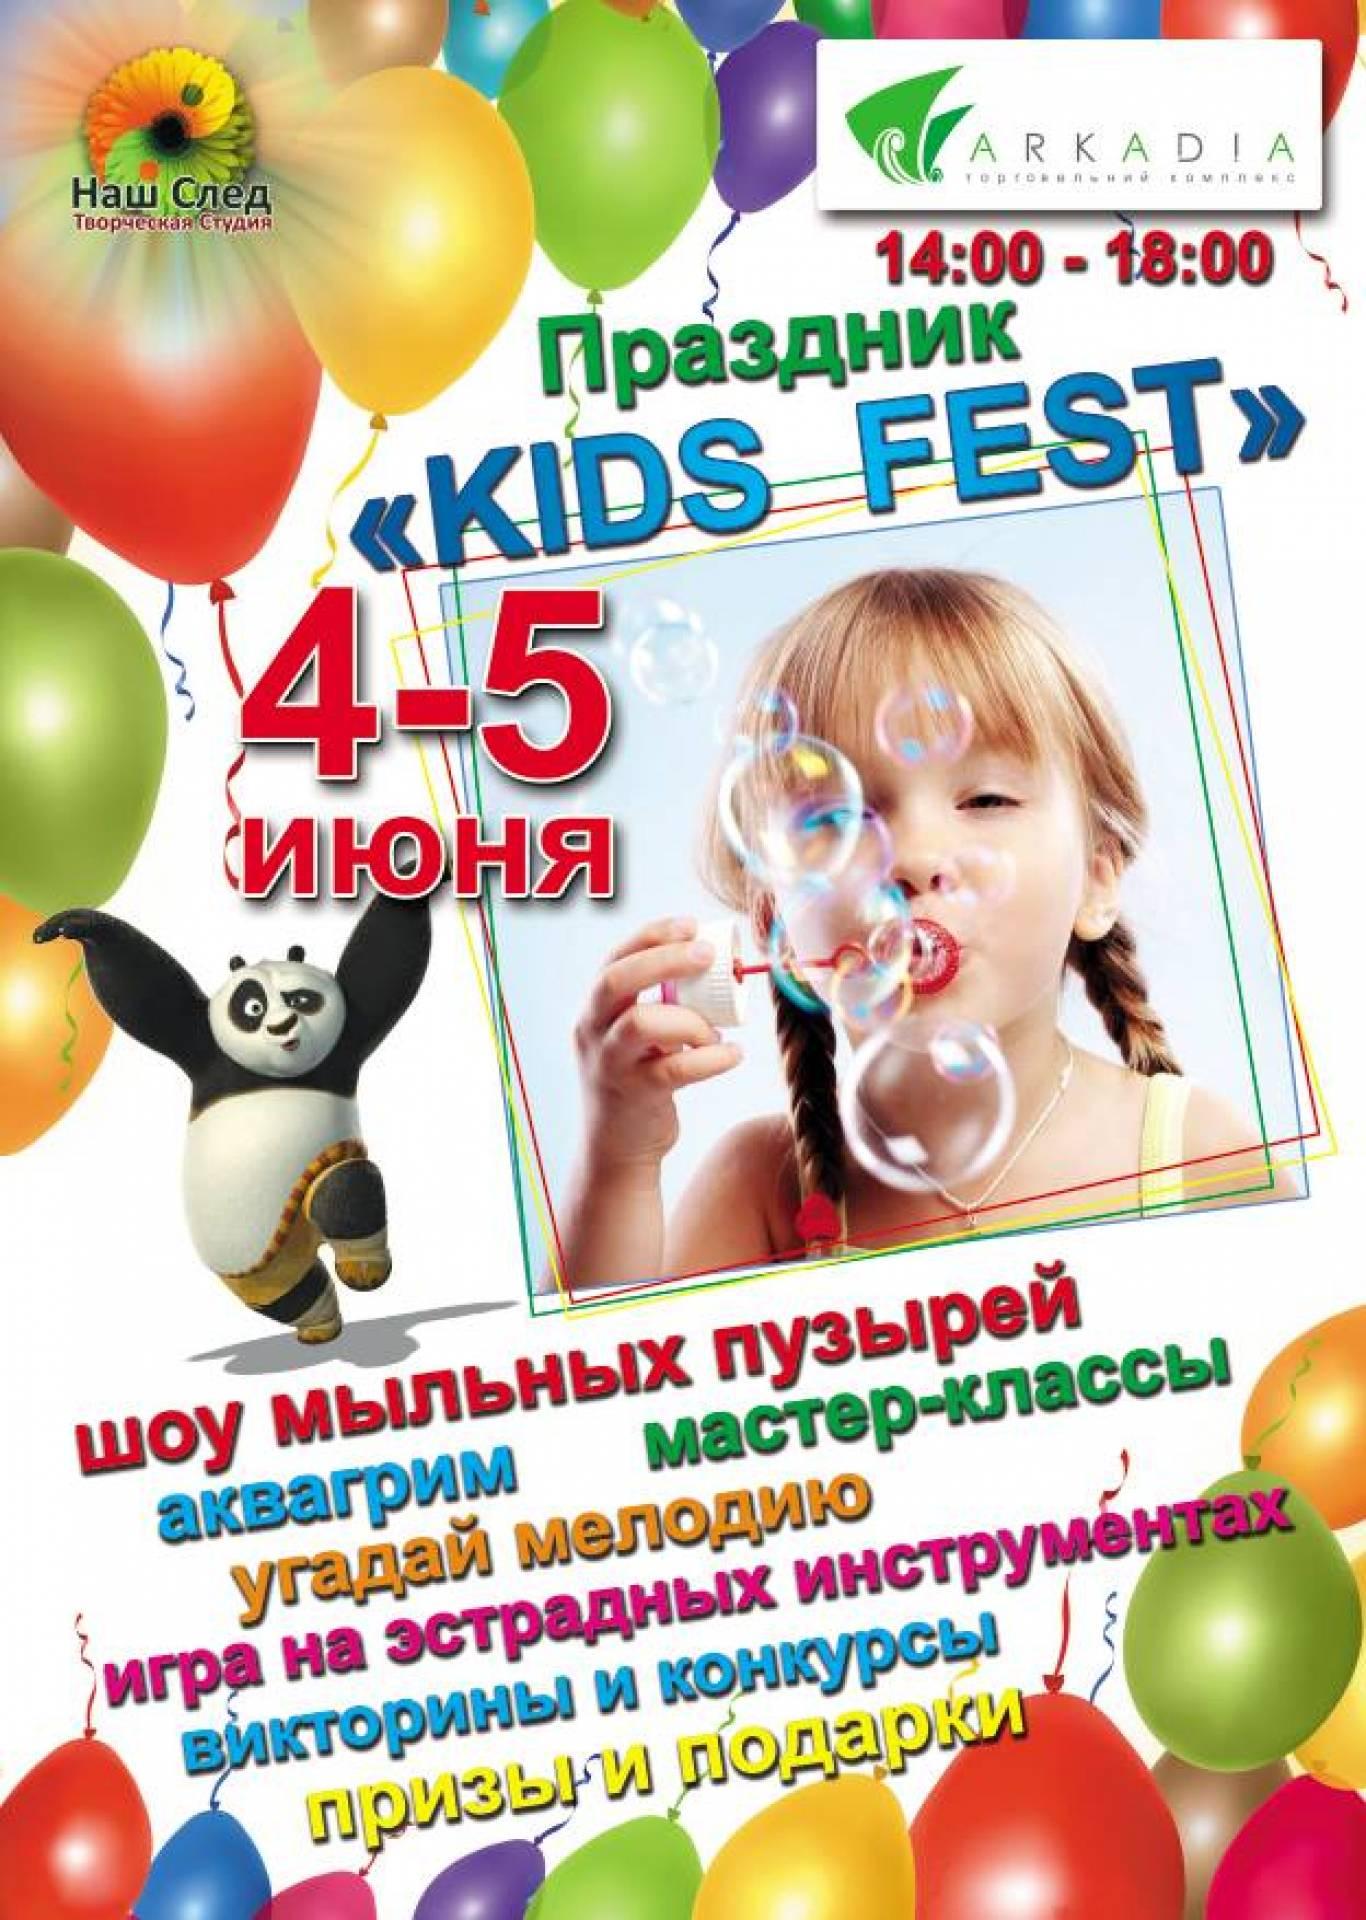 """Розважальний фестиваль для дітей """"Kid's Fest"""" в ТЦ """"Аркадія"""""""